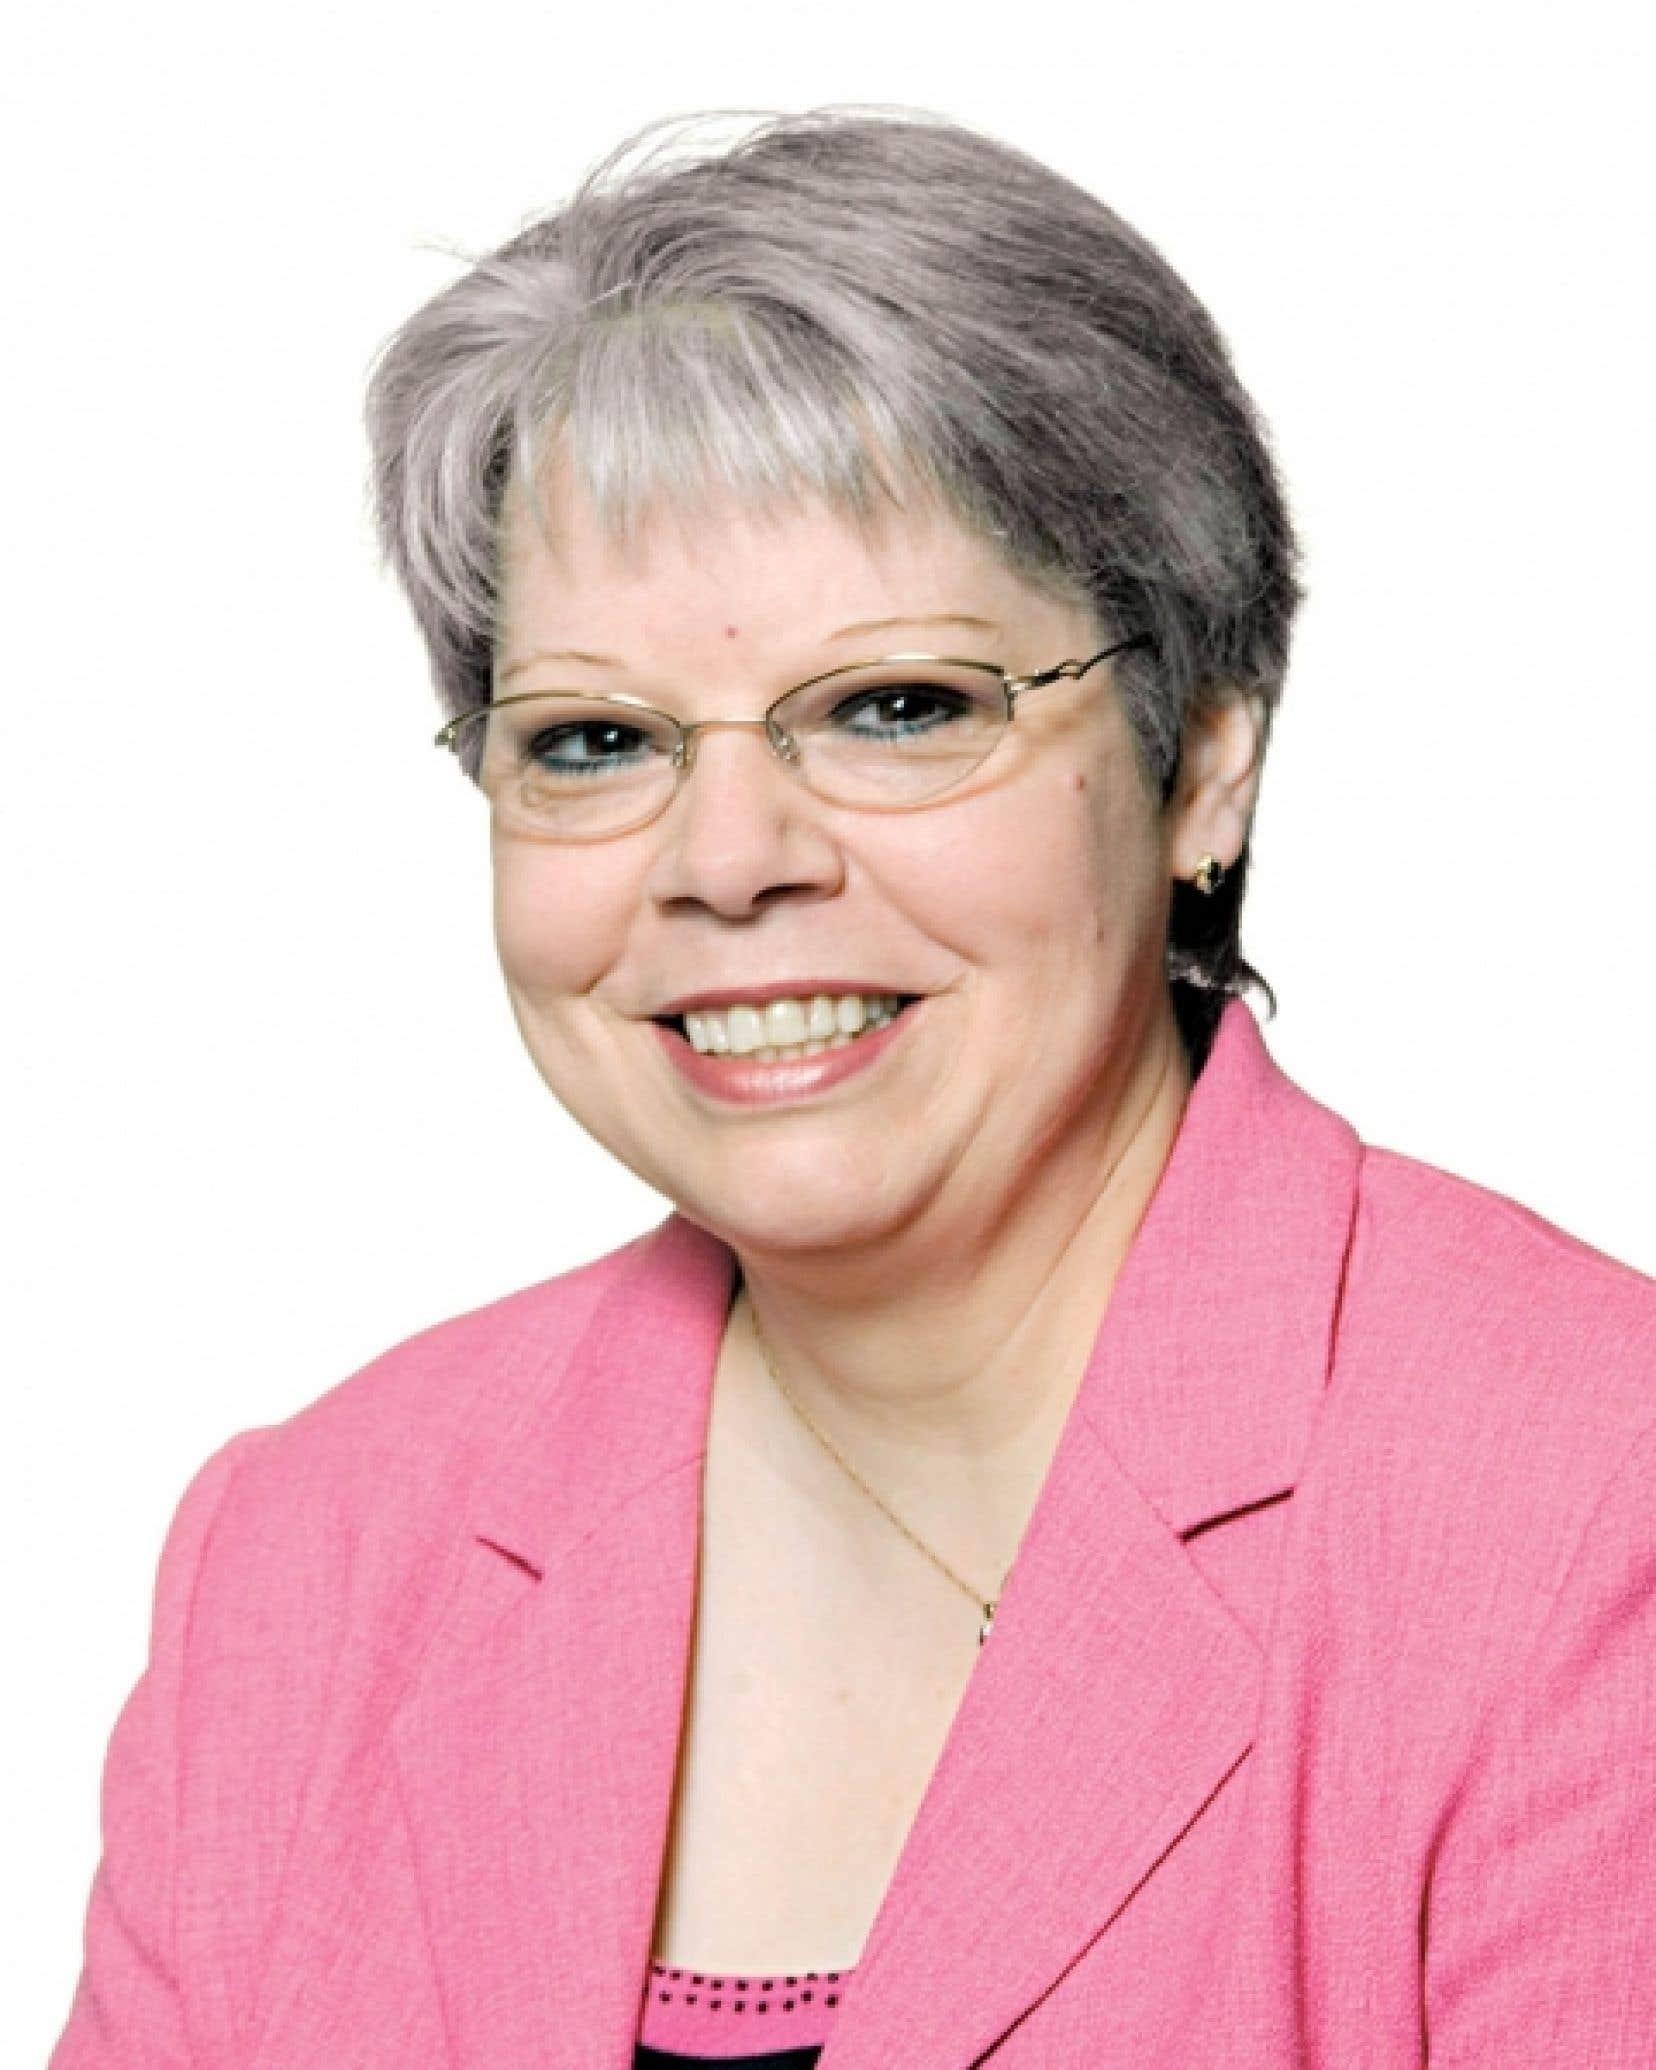 Lyne Bouchard, pr&eacute;sidente du conseil d&rsquo;admi-nistration du R&eacute;seau Action TI<br />